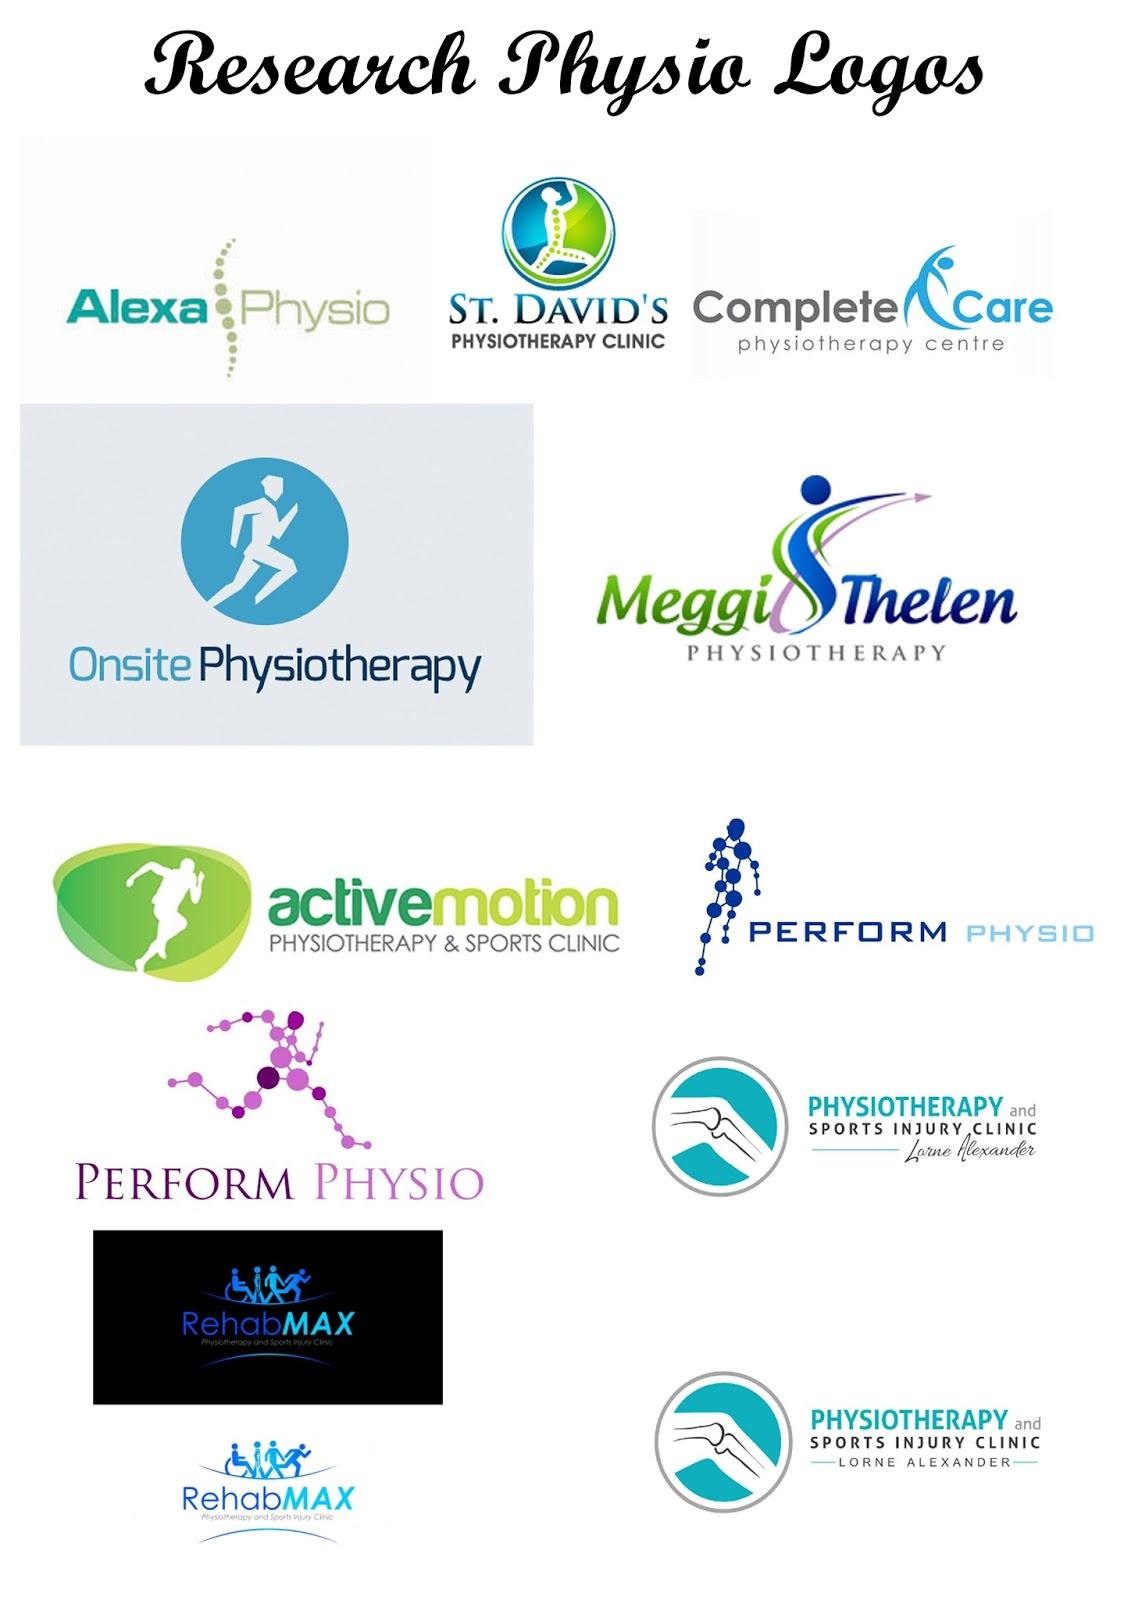 ipc ianss physio company major project des509